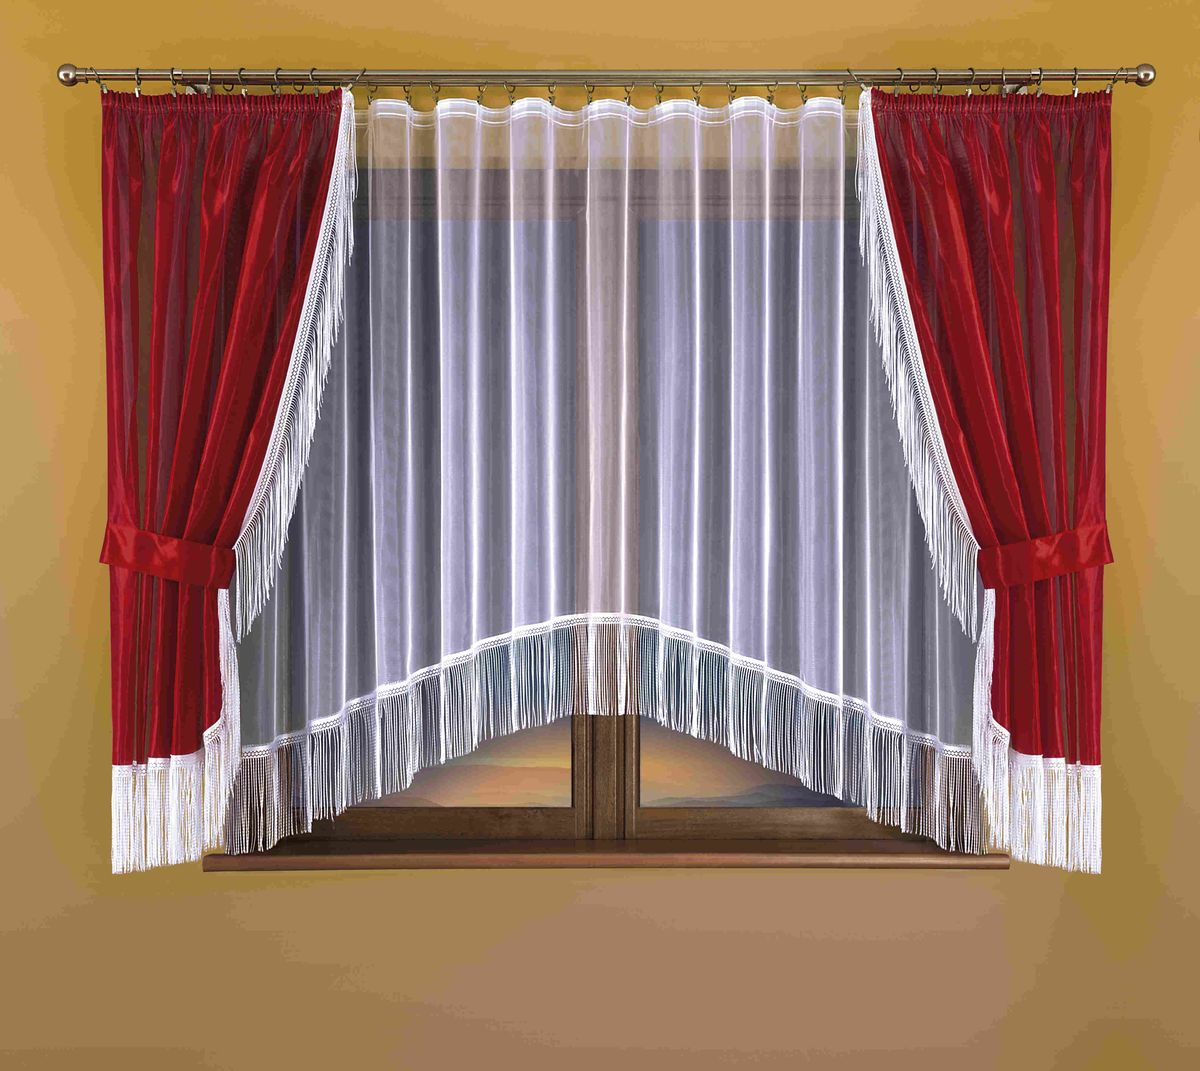 Комплект штор для кухни Wisan Hana, на ленте, цвет: белый, бордо, высота 170 смS03301004Комплект штор для кухни Wisan Hana, выполненный из полиэстера, великолепно украсит окно. В комплект входят 2 шторы, тюль и 2 подхвата. Бахрома придает комплекту особый стиль и шарм. Тонкое плетение, нежная цветовая гамма и роскошное исполнение - все это делает шторы Wisan Hana замечательным дополнением интерьера кухни. Шторы оснащены шторной лентой для красивой сборки, а также двумя подхватами. В комплект входит: Штора - 2 шт. Размер (ШхВ): 150 см х 170 см. Тюль - 1 шт. Размер (ШхВ): 300 см х 170 см. Подхват - 2 шт.